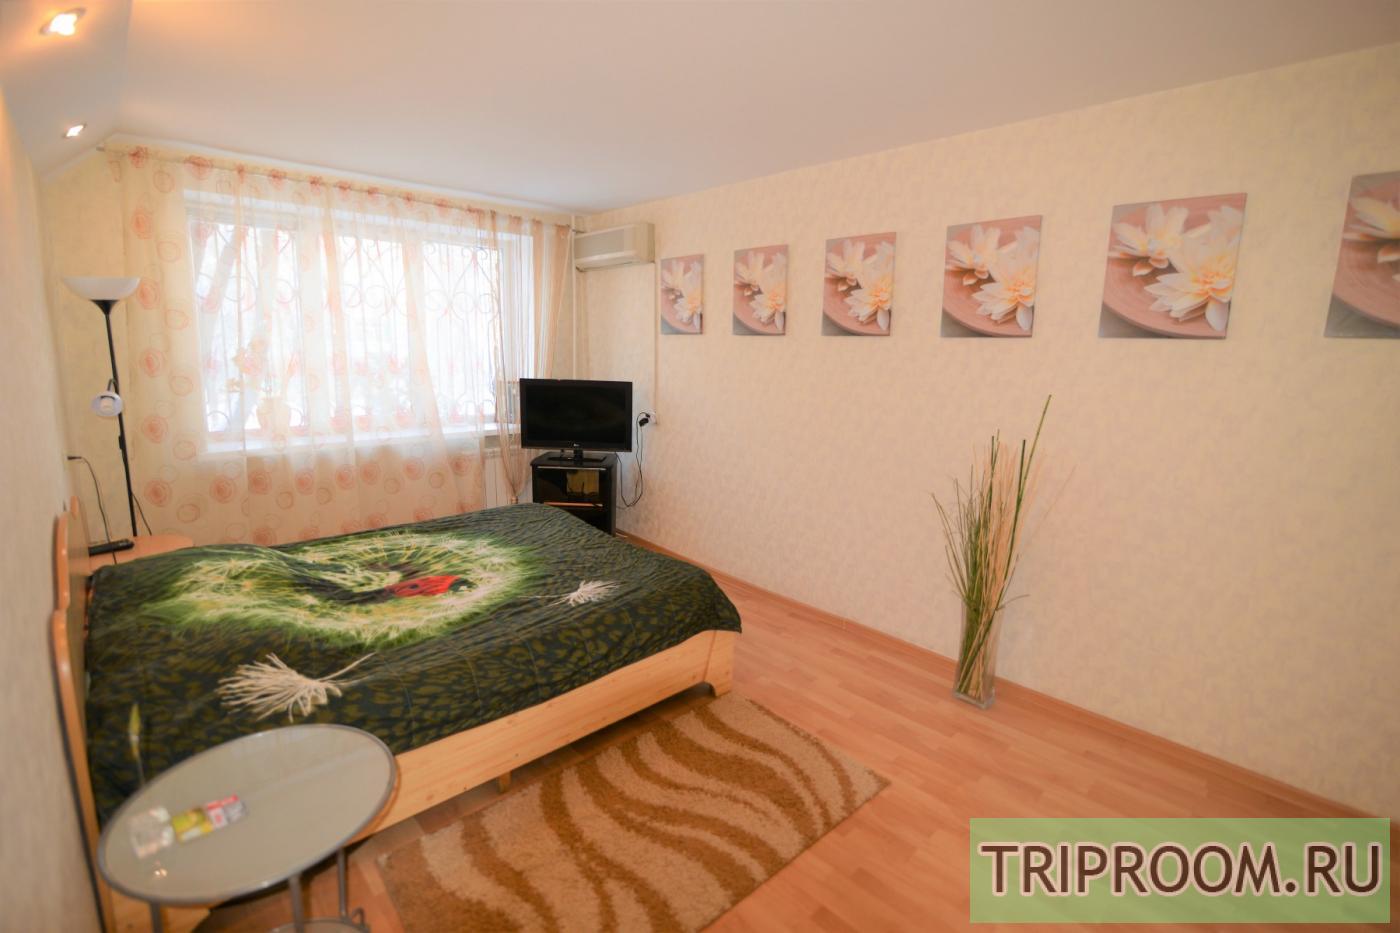 1-комнатная квартира посуточно (вариант № 2140), ул. Фридриха Энгельса улица, фото № 1